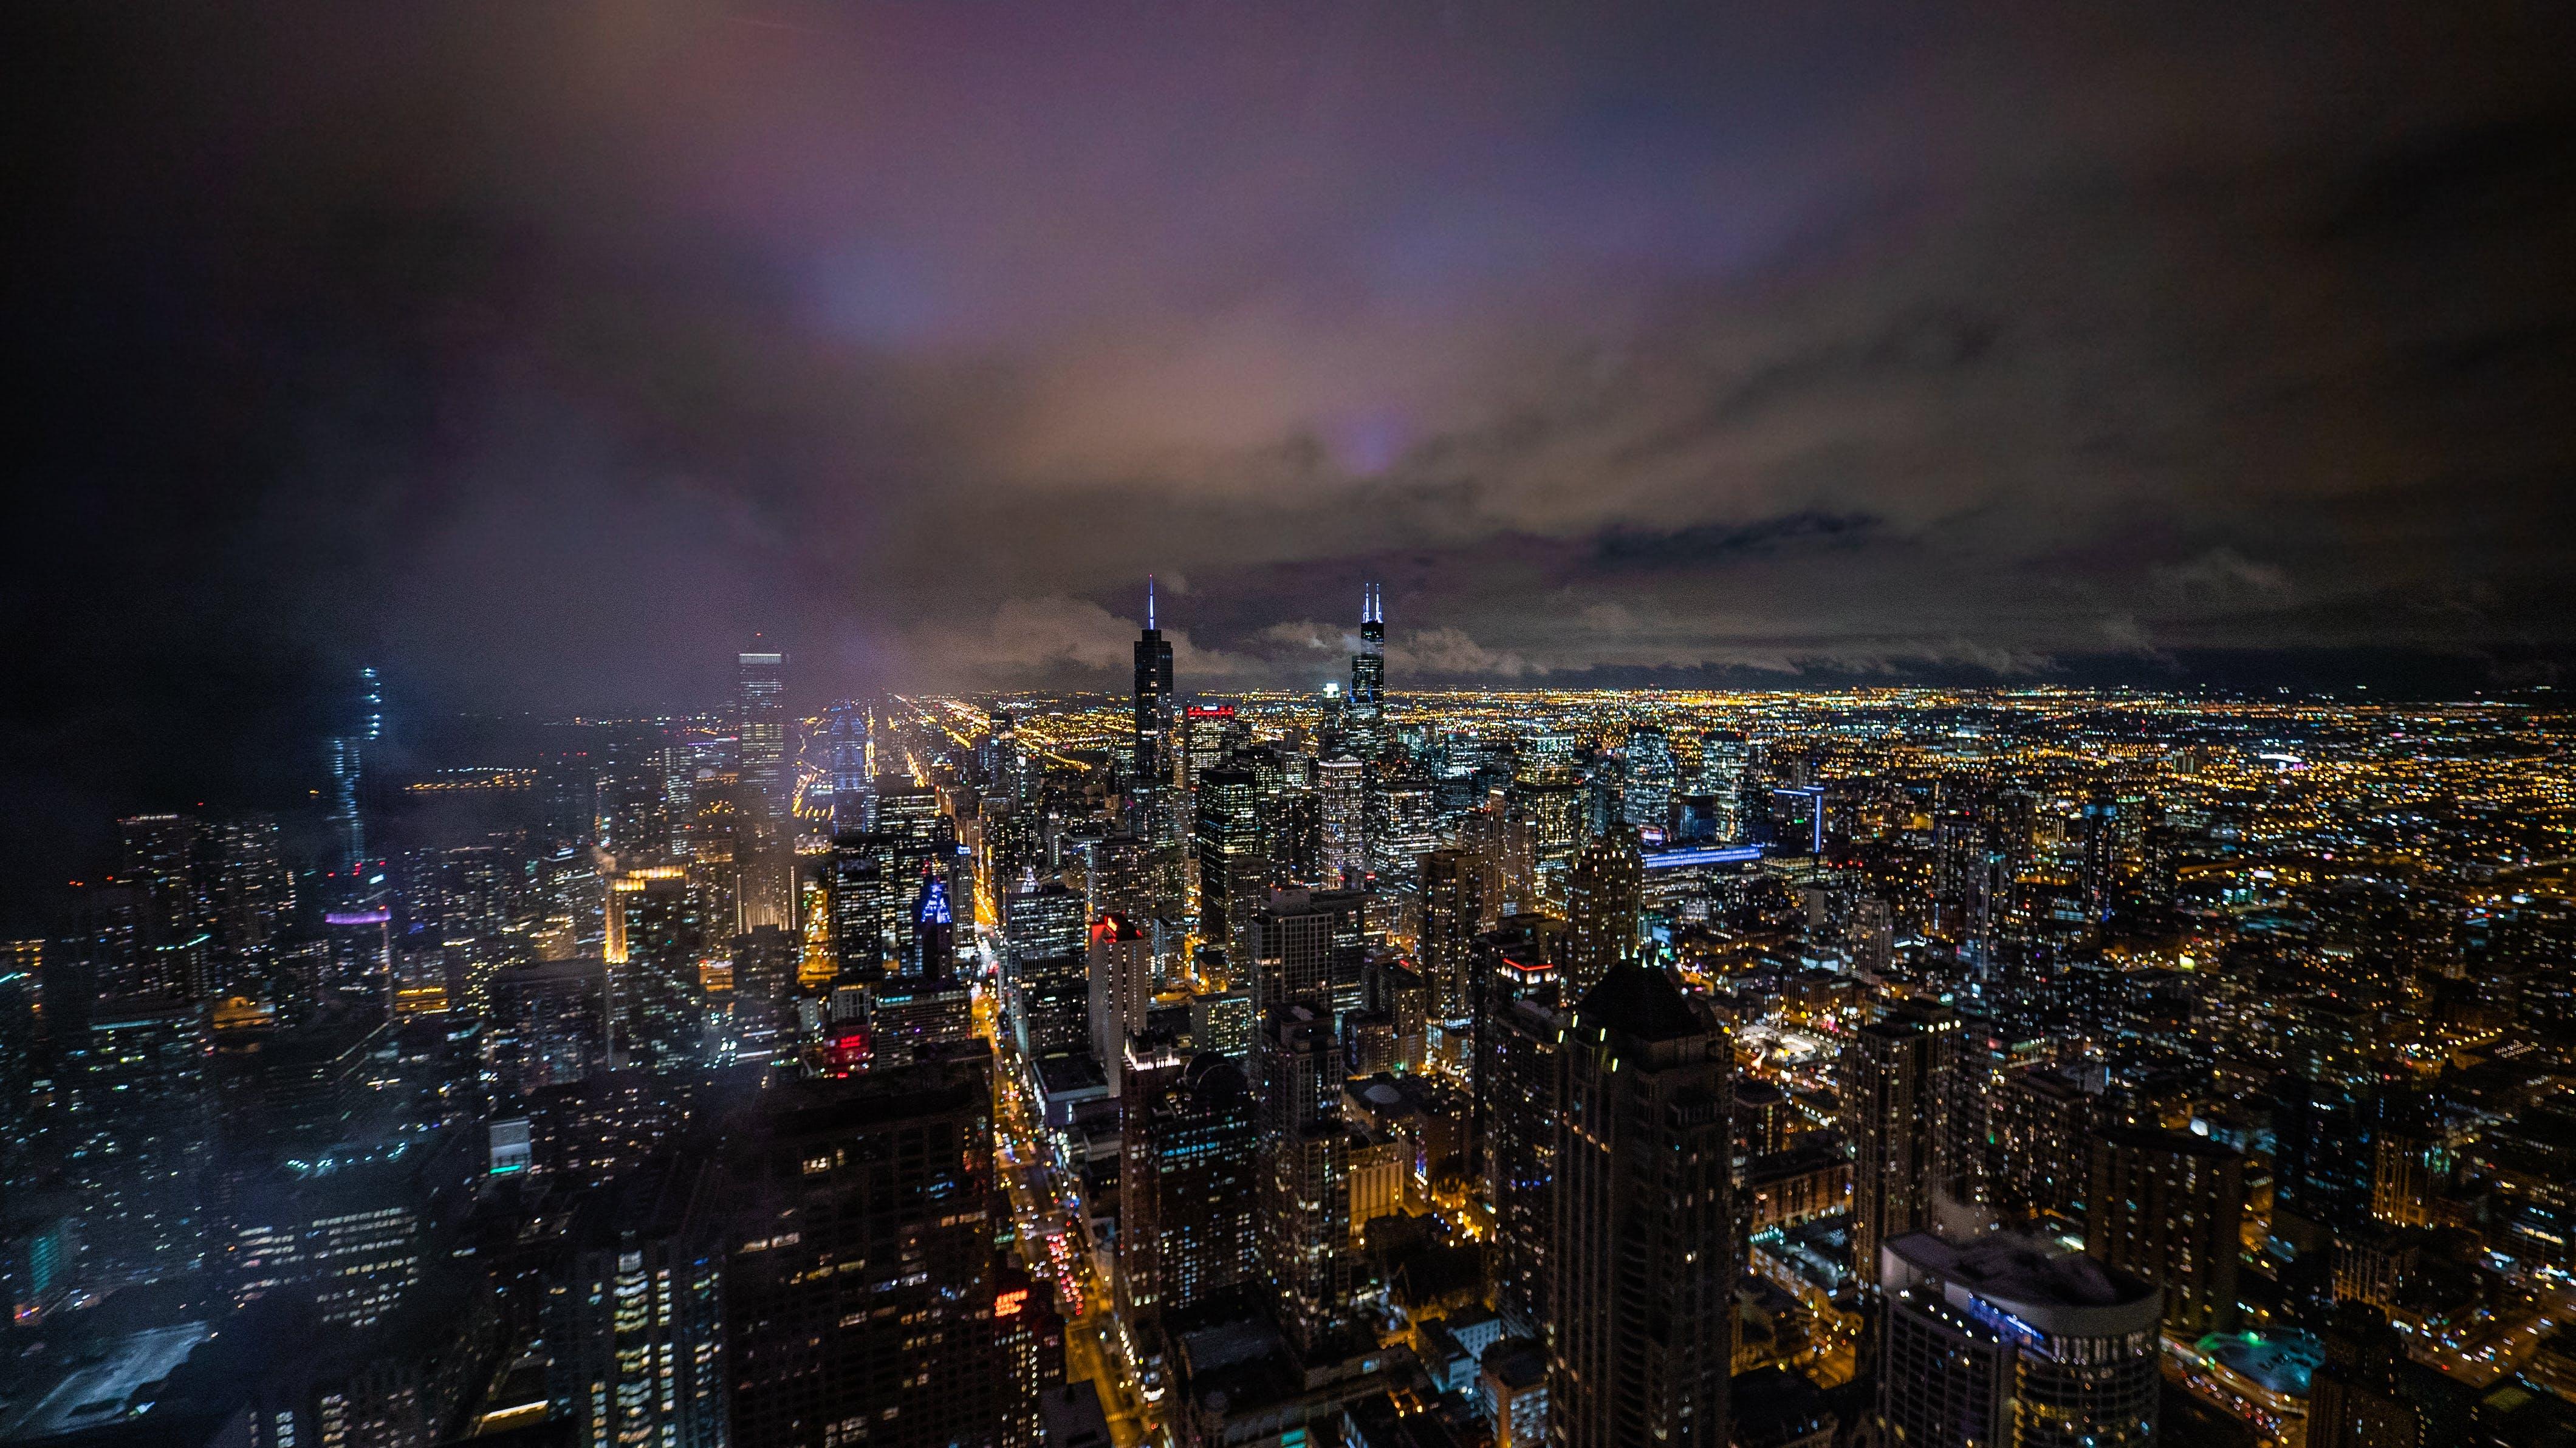 가장 높은, 건물, 건축, 경치가 좋은의 무료 스톡 사진